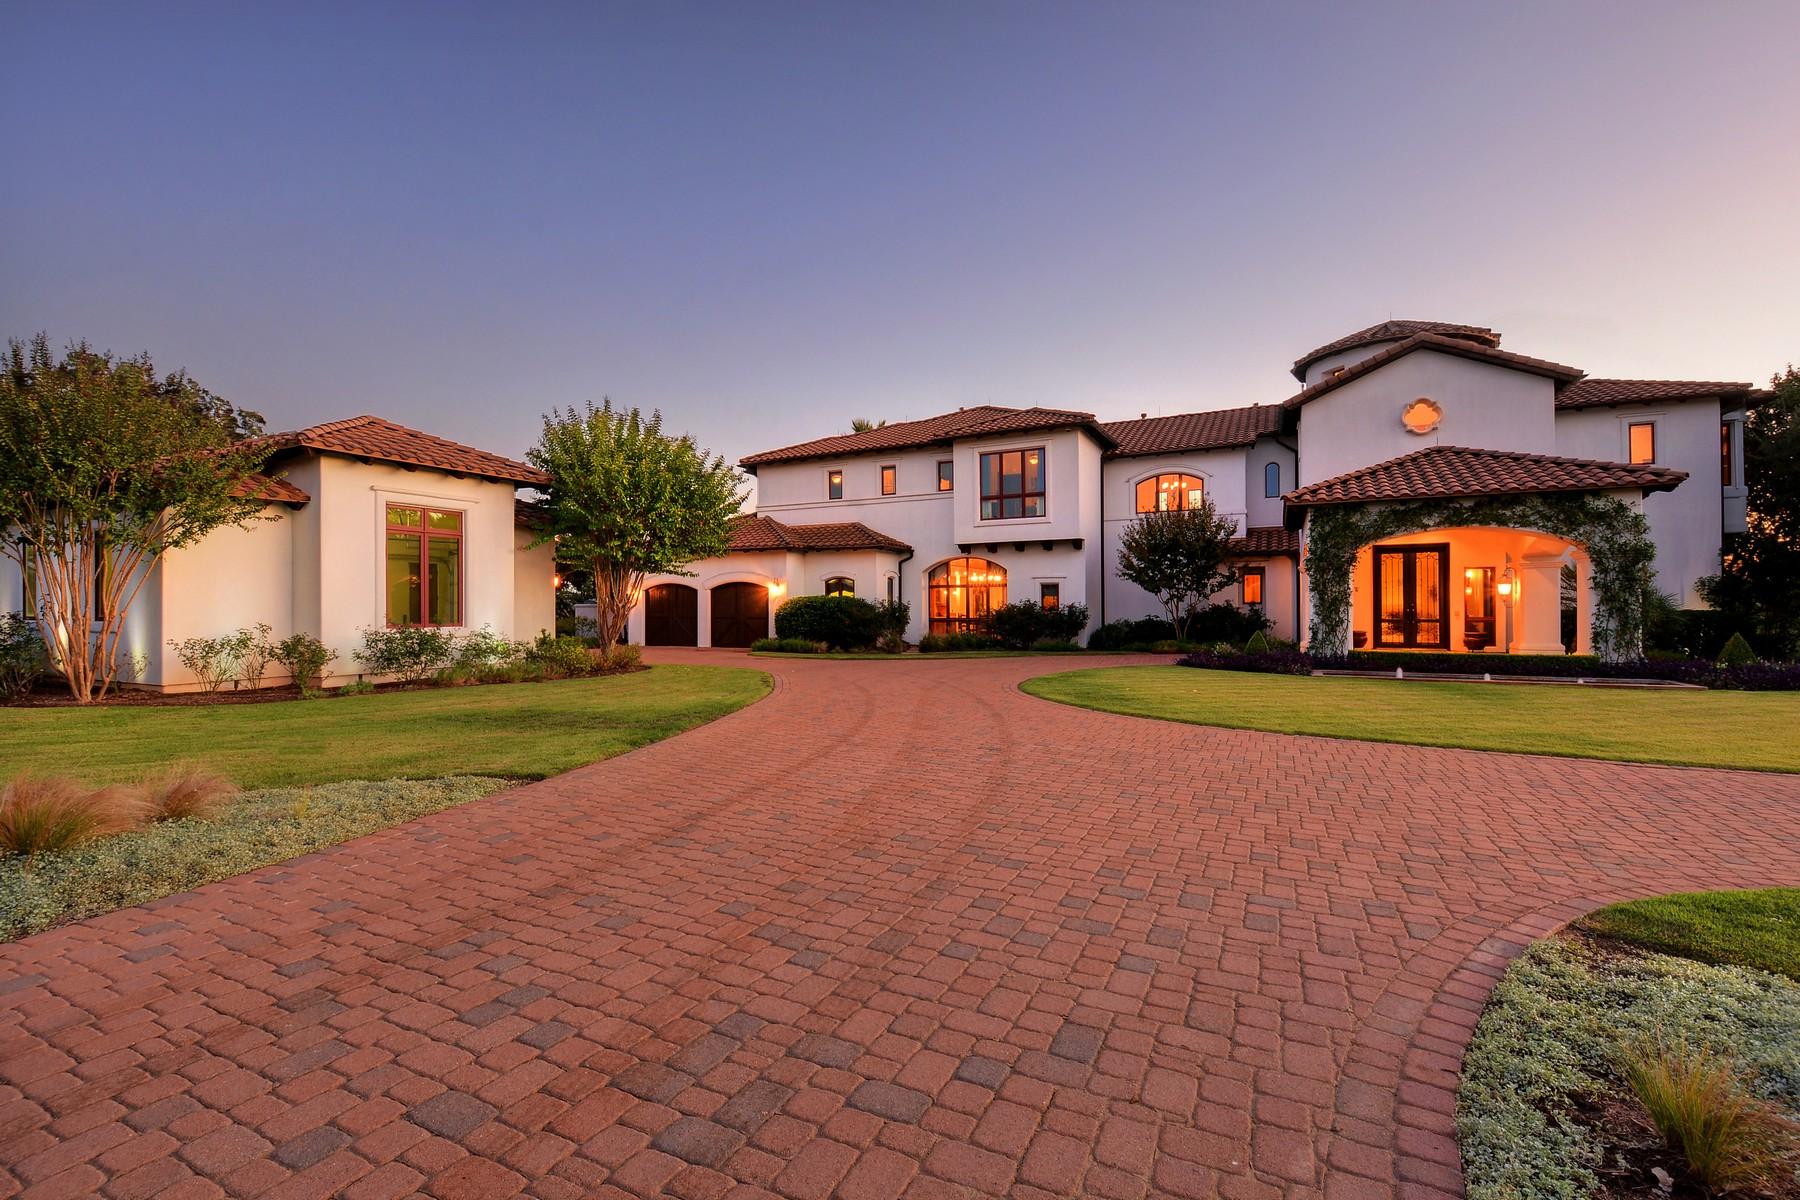 Vivienda unifamiliar por un Venta en Luxurious Home on 37 Acres 25211 State Hwy 71 W Spicewood, Texas 78669 Estados Unidos